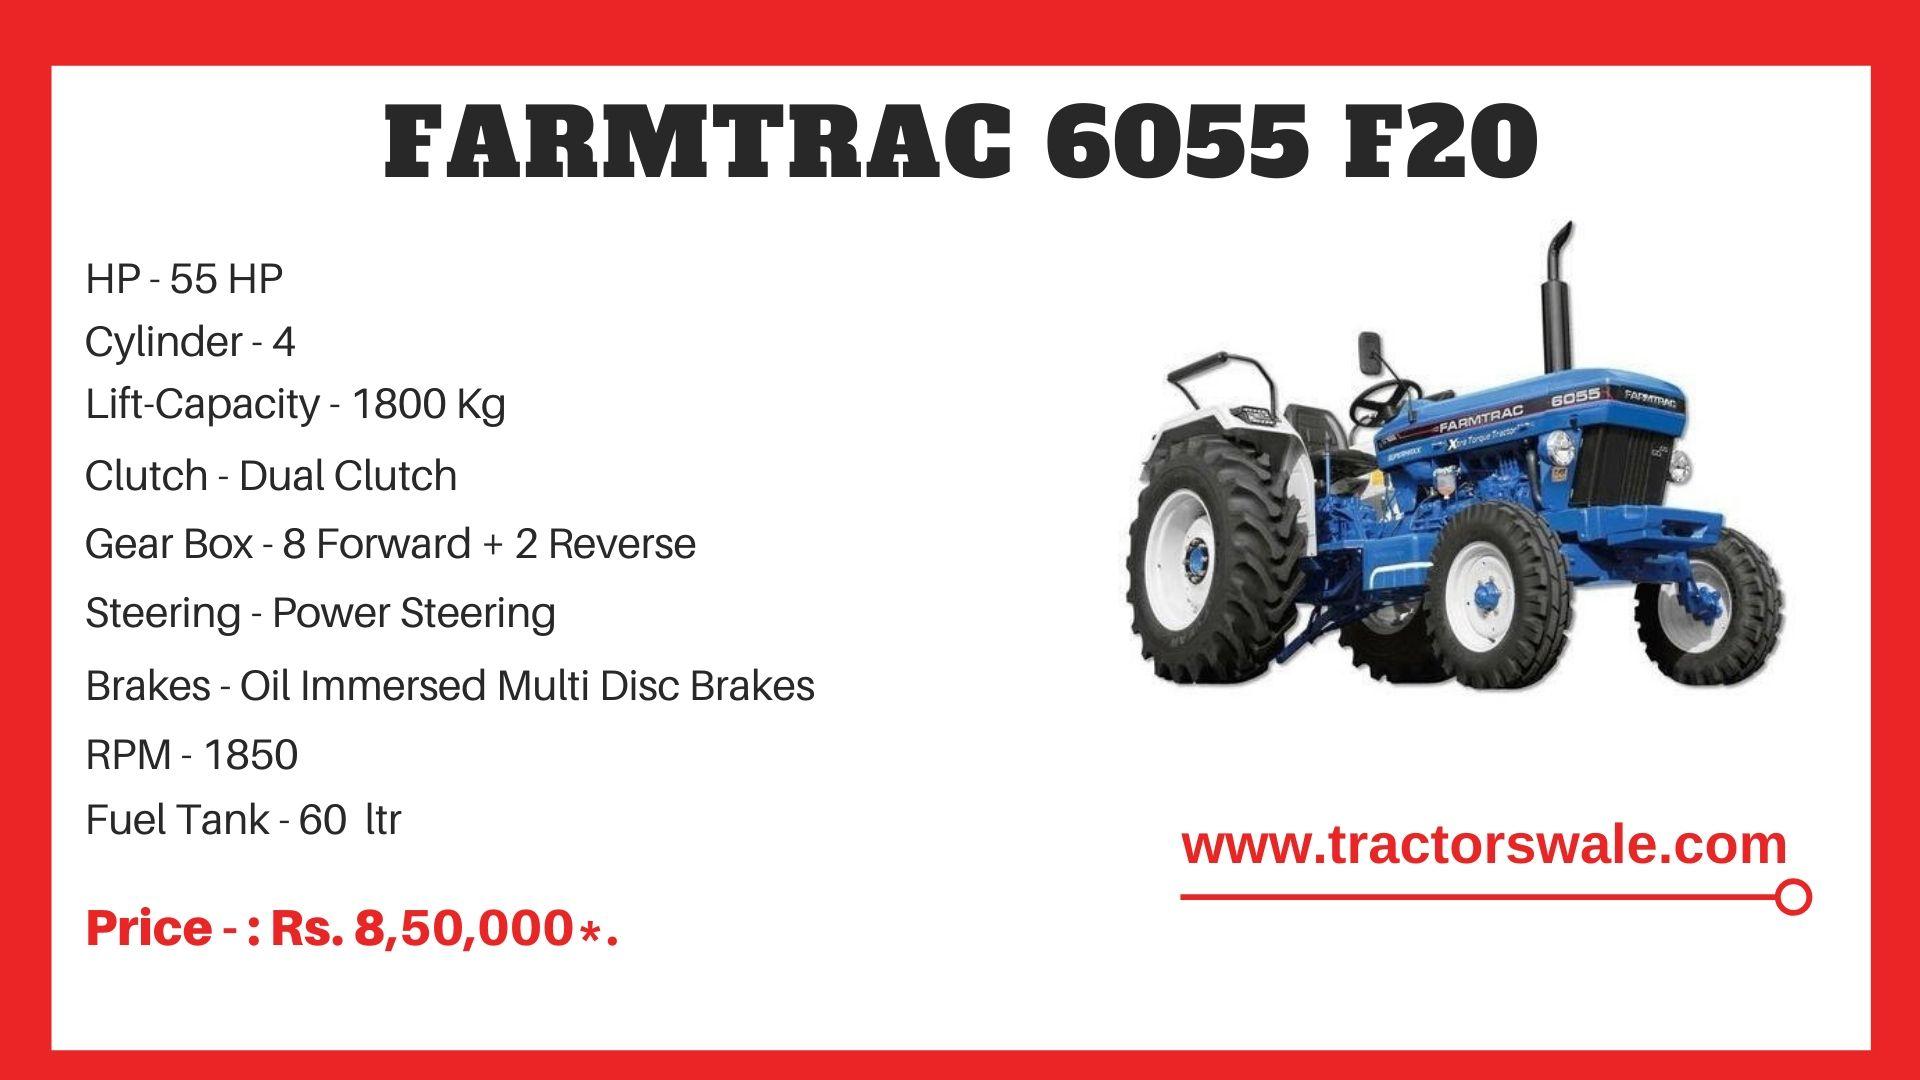 Farmtrac 6055 F20 tractor price